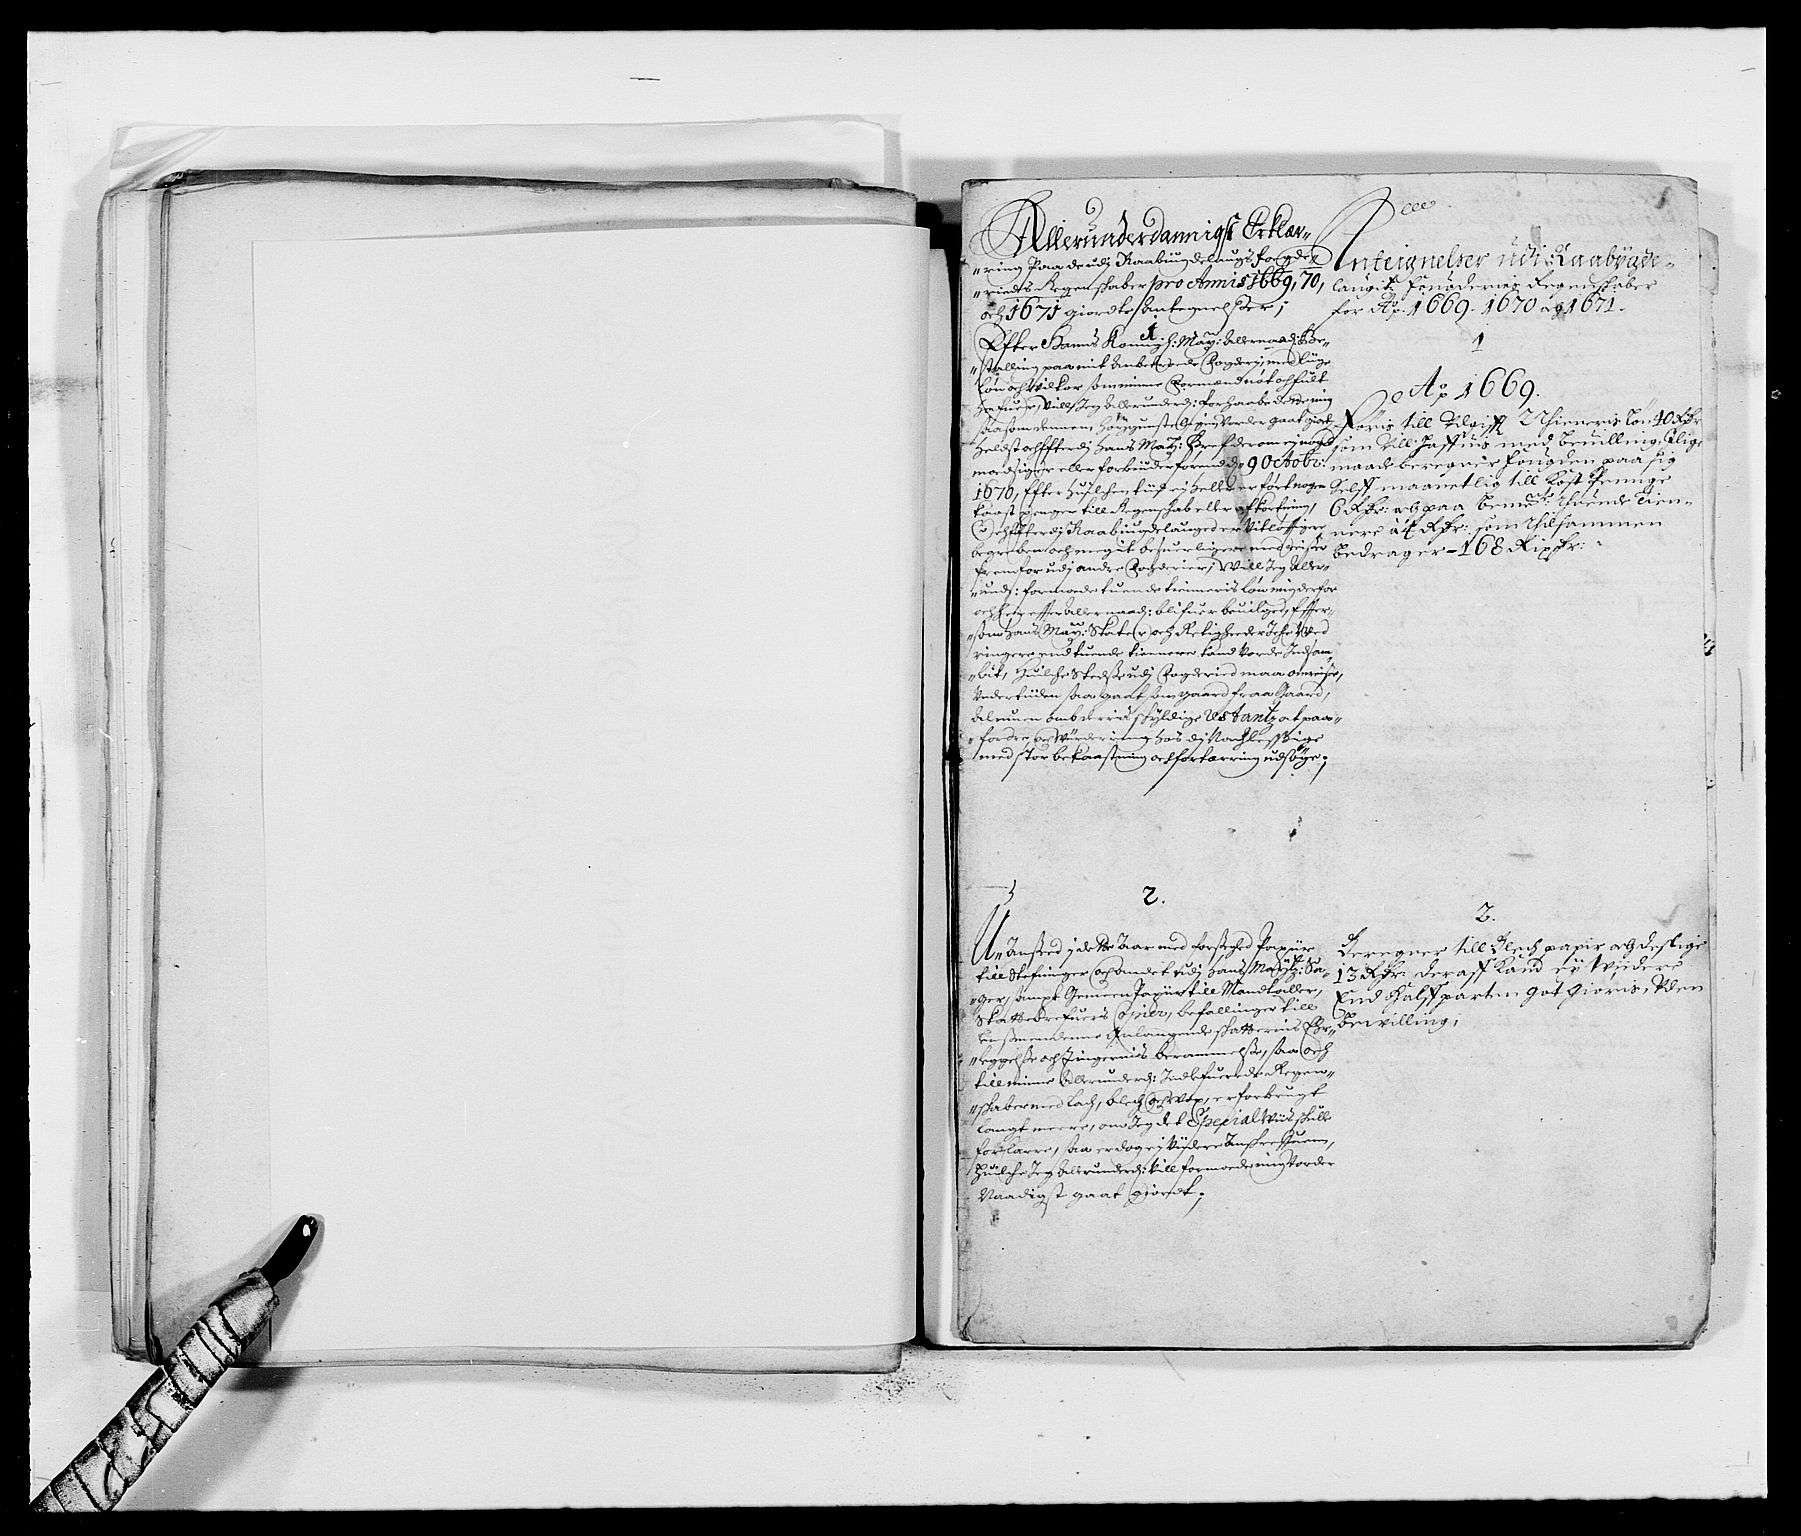 RA, Rentekammeret inntil 1814, Reviderte regnskaper, Fogderegnskap, R40/L2433: Fogderegnskap Råbyggelag, 1671-1674, s. 80